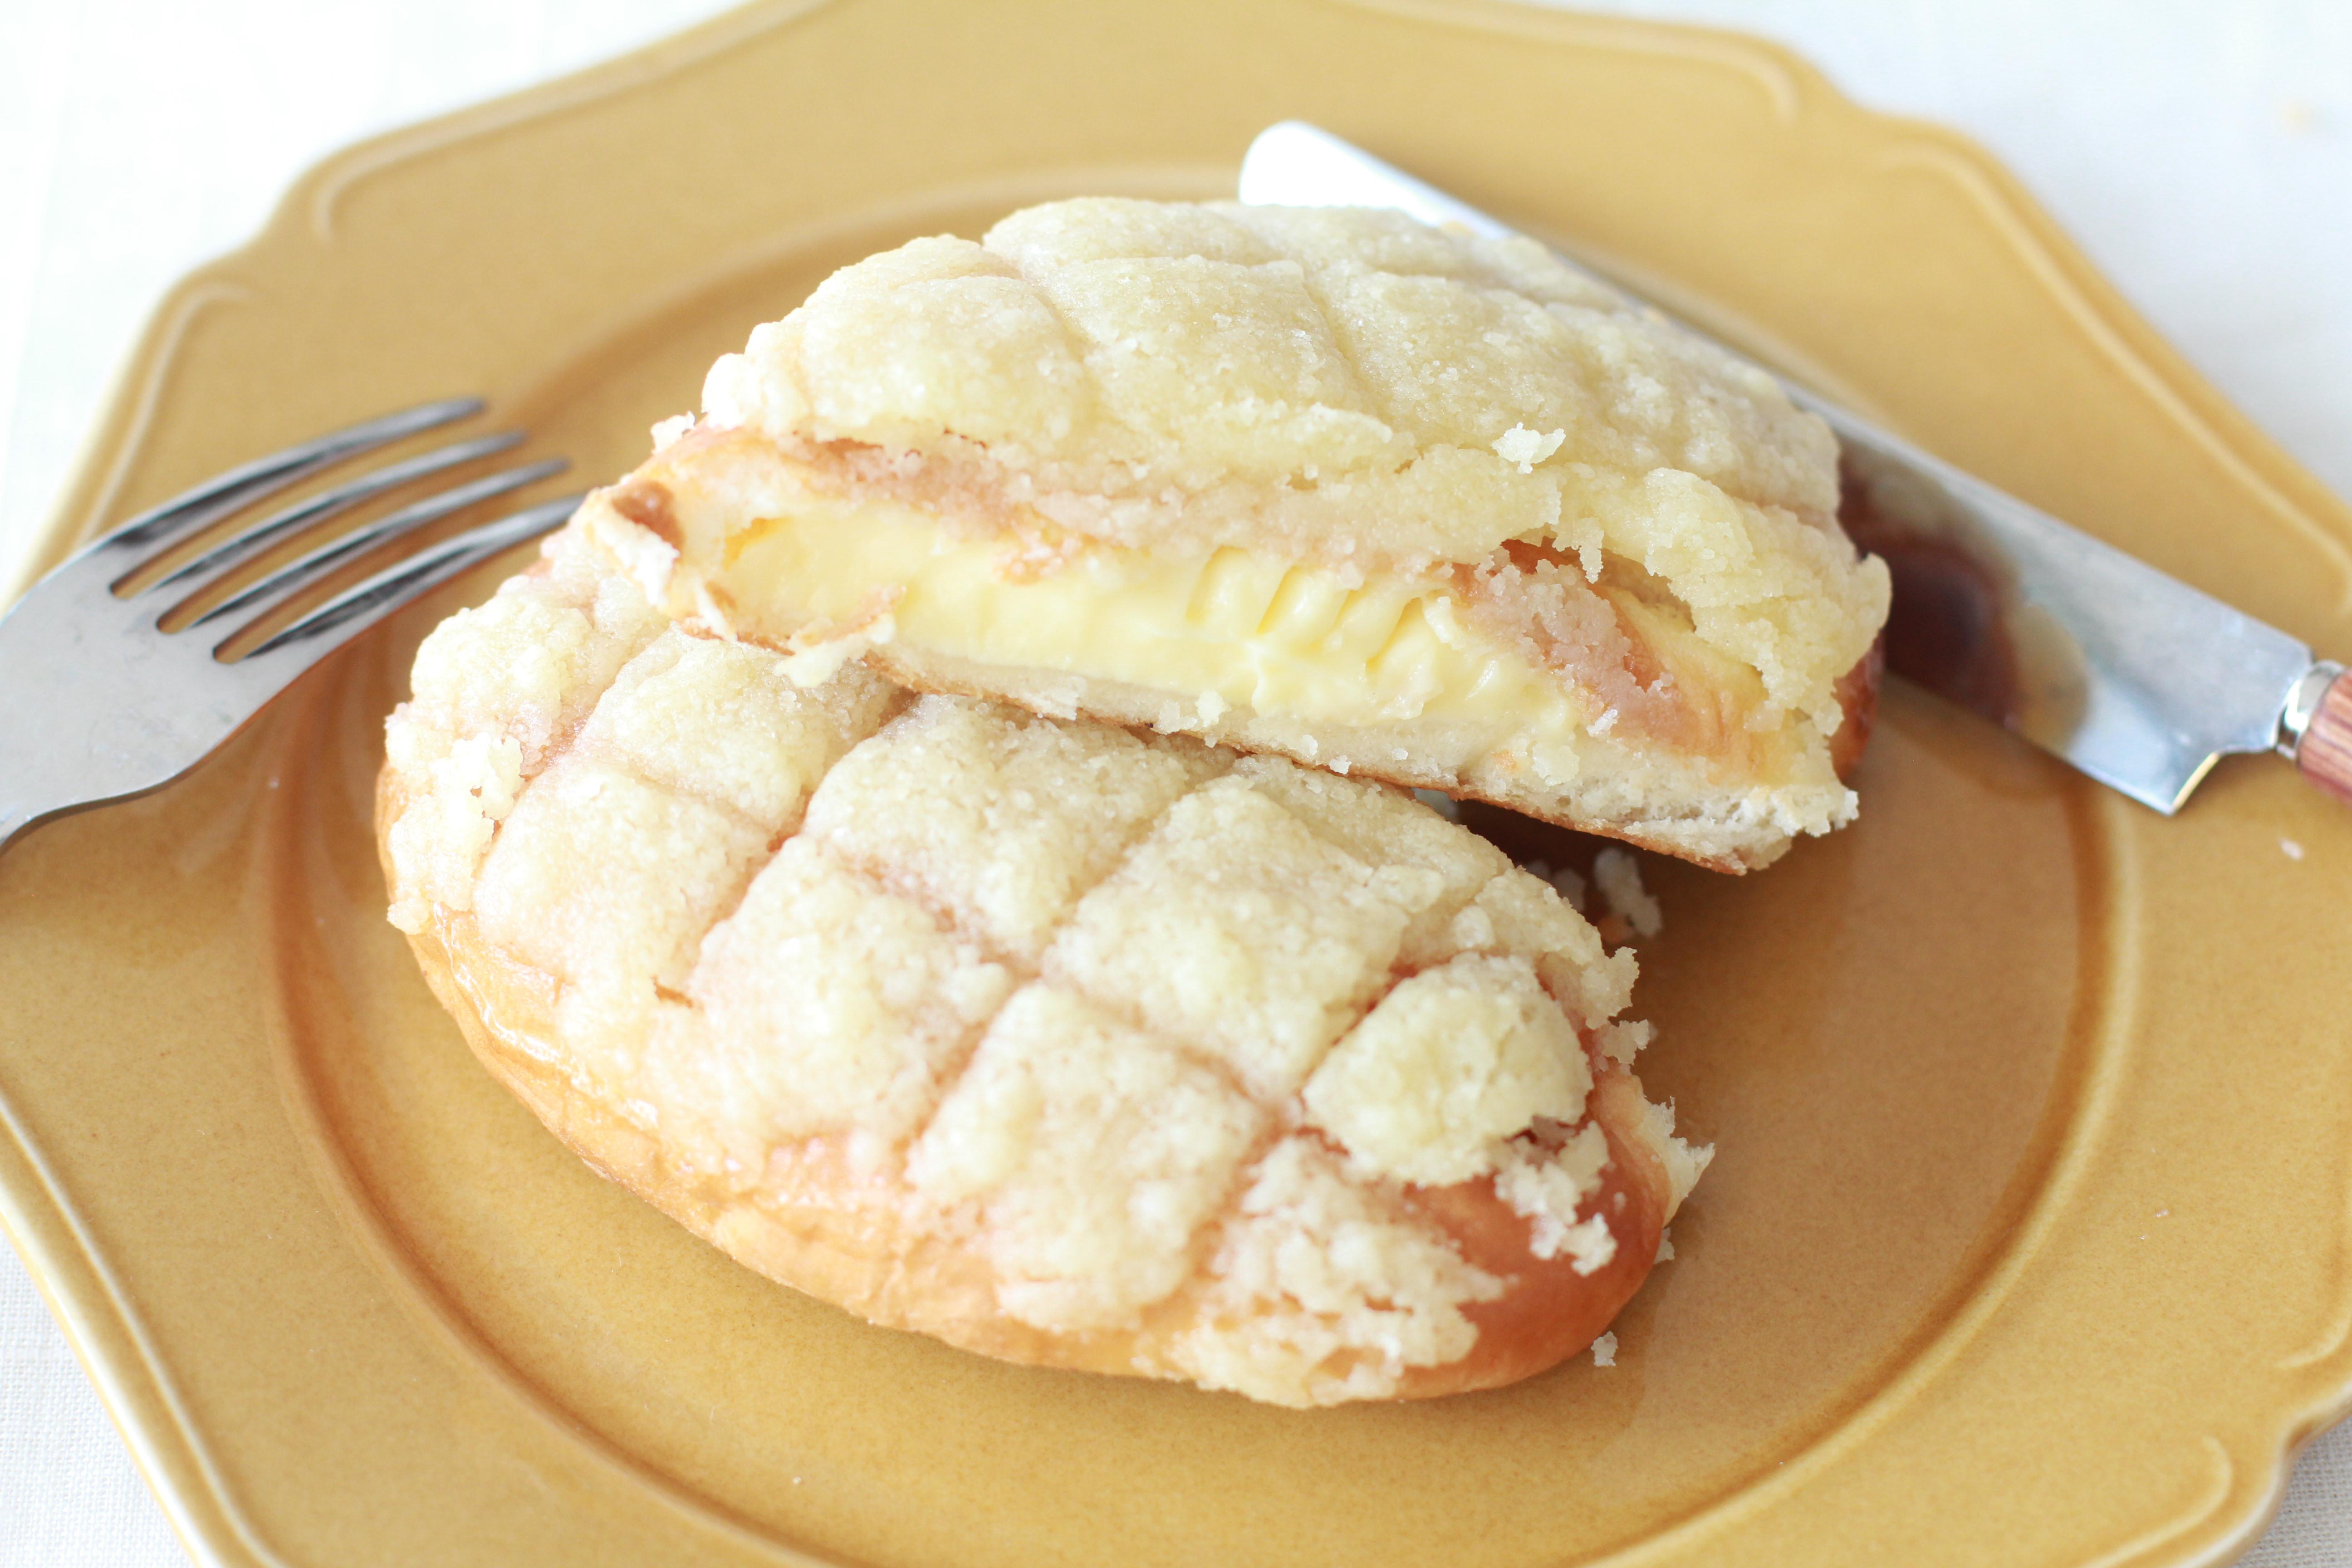 ネットで話題の「メロンパントースト」いろんなパンで作ってみませんか?